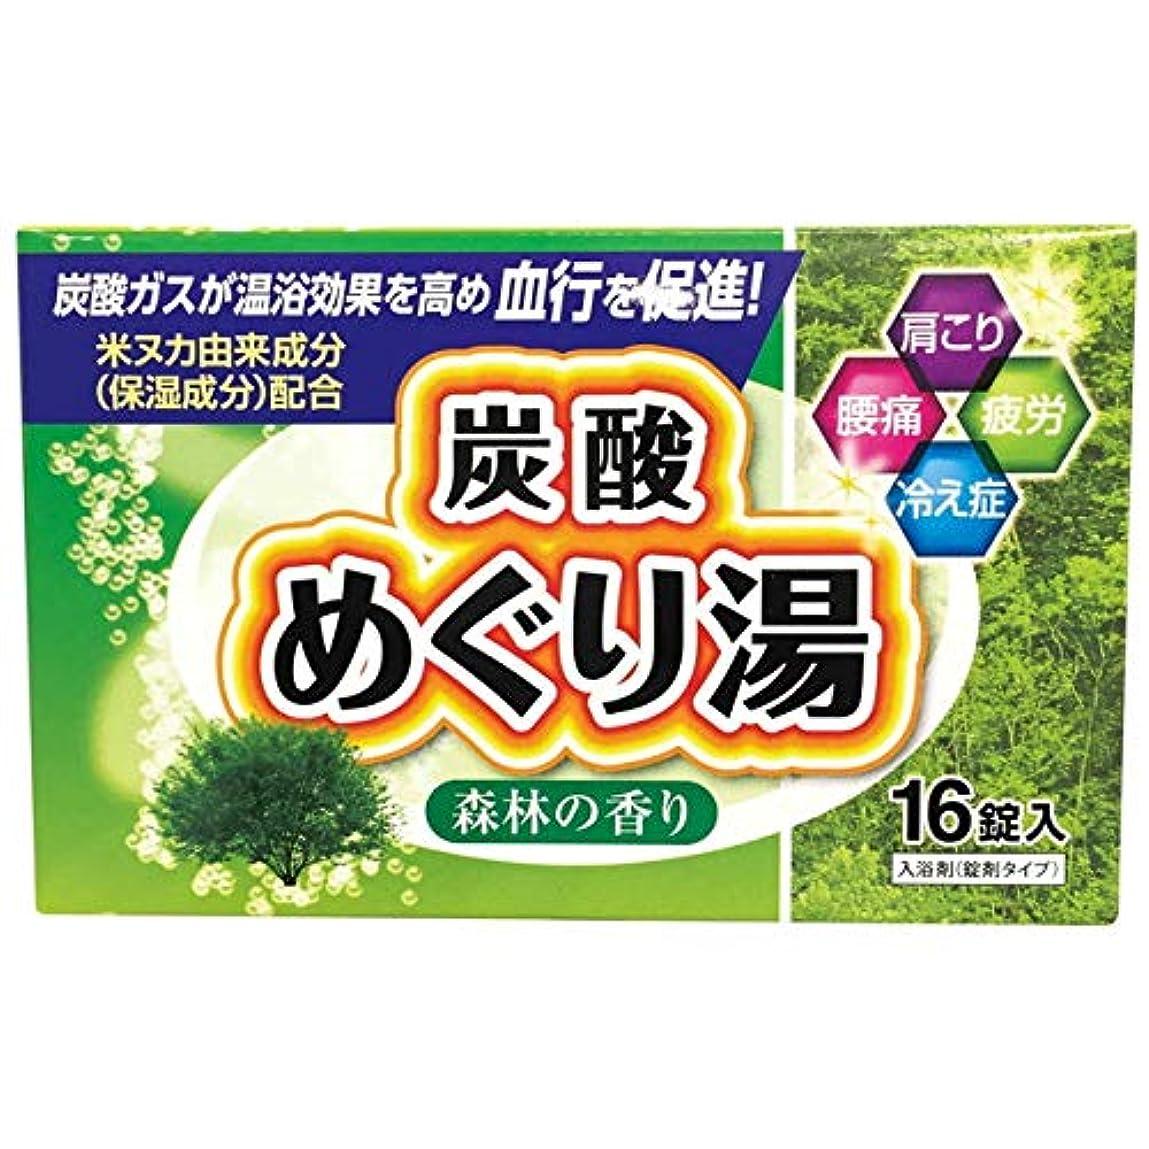 広範囲耐えられるリーガン炭酸めぐり湯 森林の香り 16錠